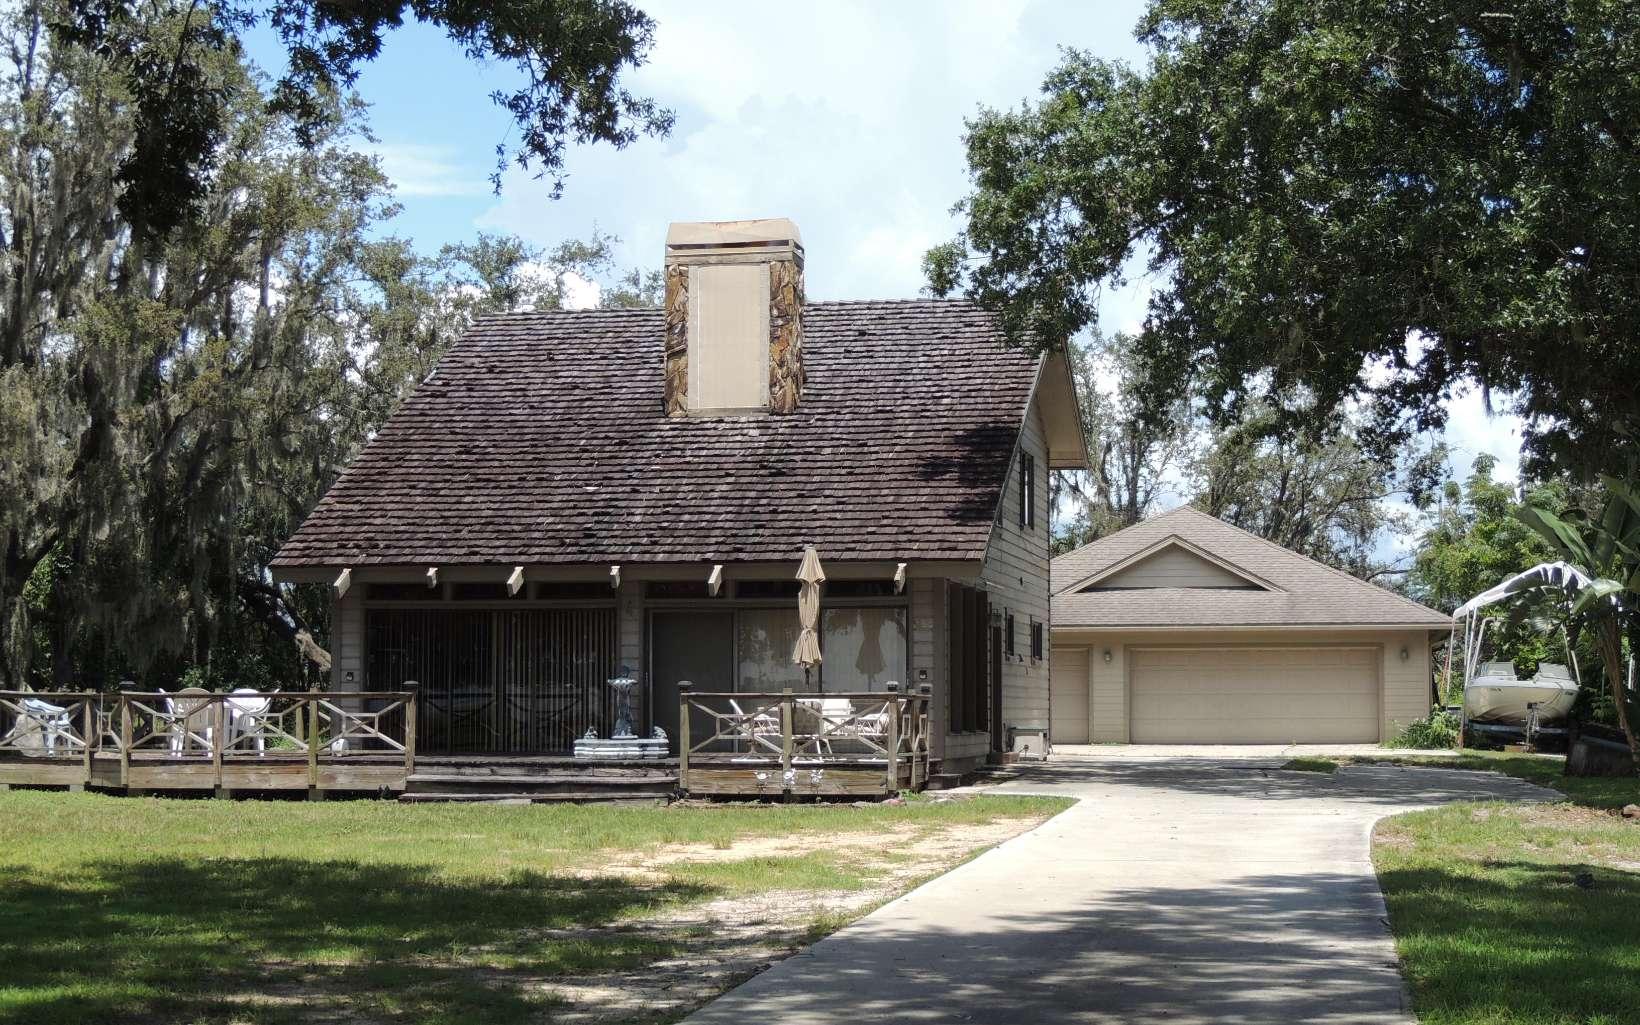 3250 Lakeview Dr, Sebring, FL 33870